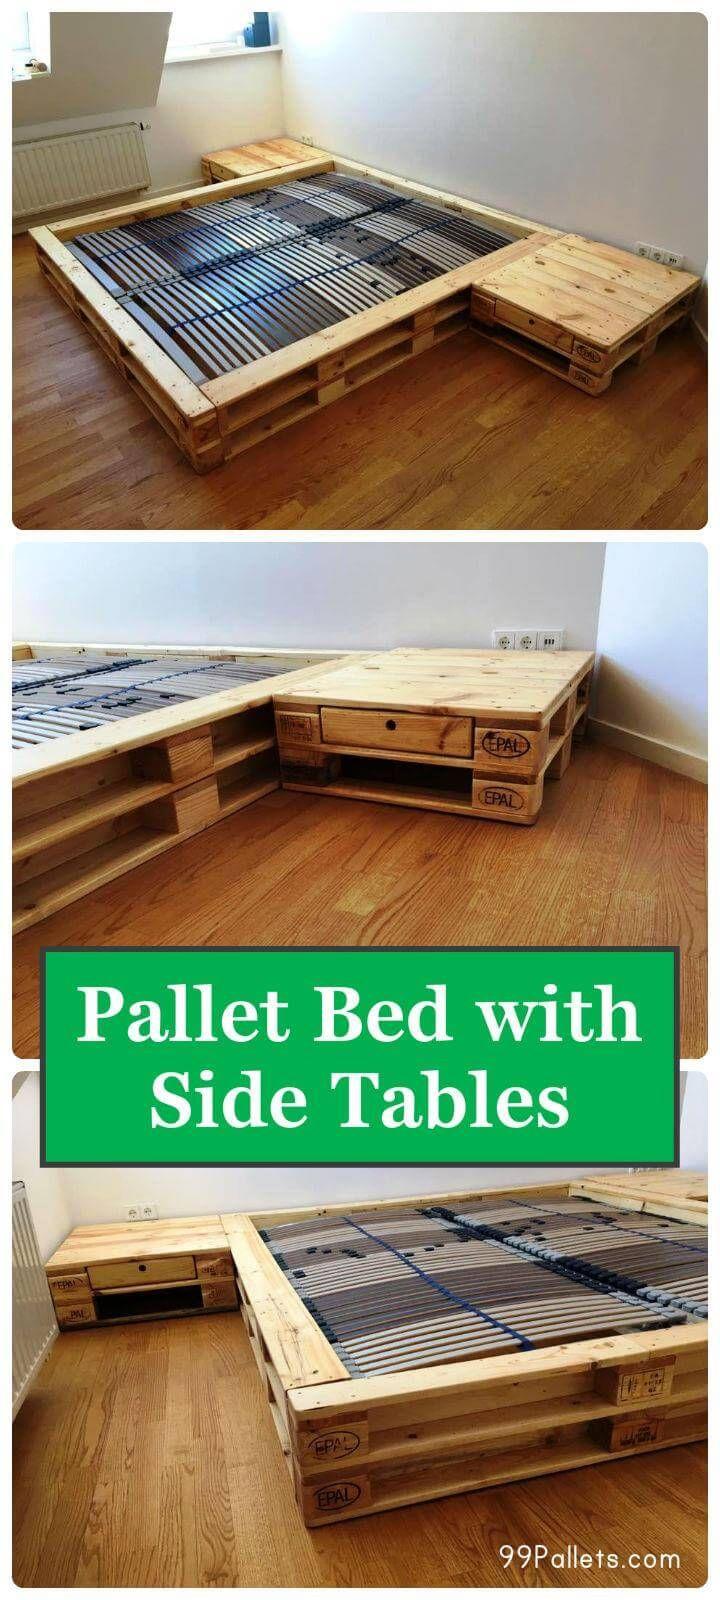 Gemütliche Paletten Bett mit Beistelltisch #palletbedroomfurniture